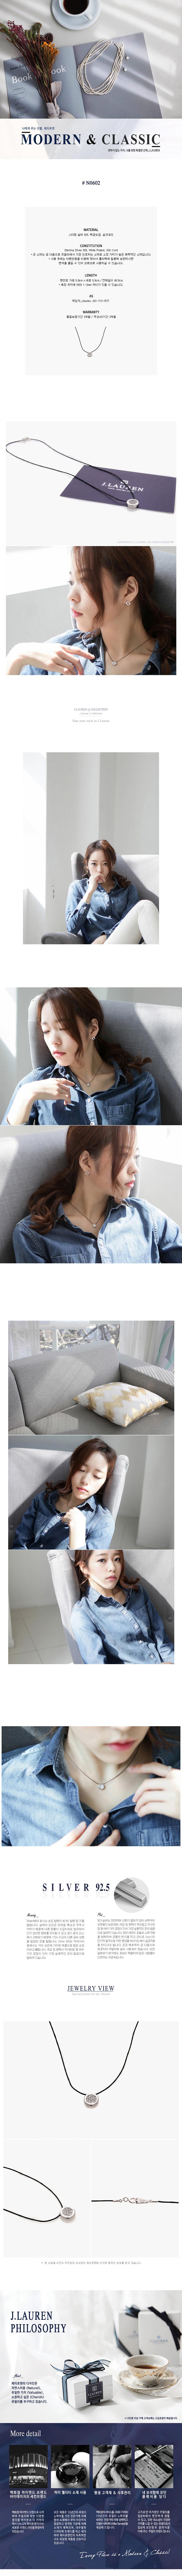 제이로렌 N0602 실크코드와 라운드 큐빅 실버 펜턴트 목걸이 - 바이데이지, 58,000원, 패션, 패션목걸이